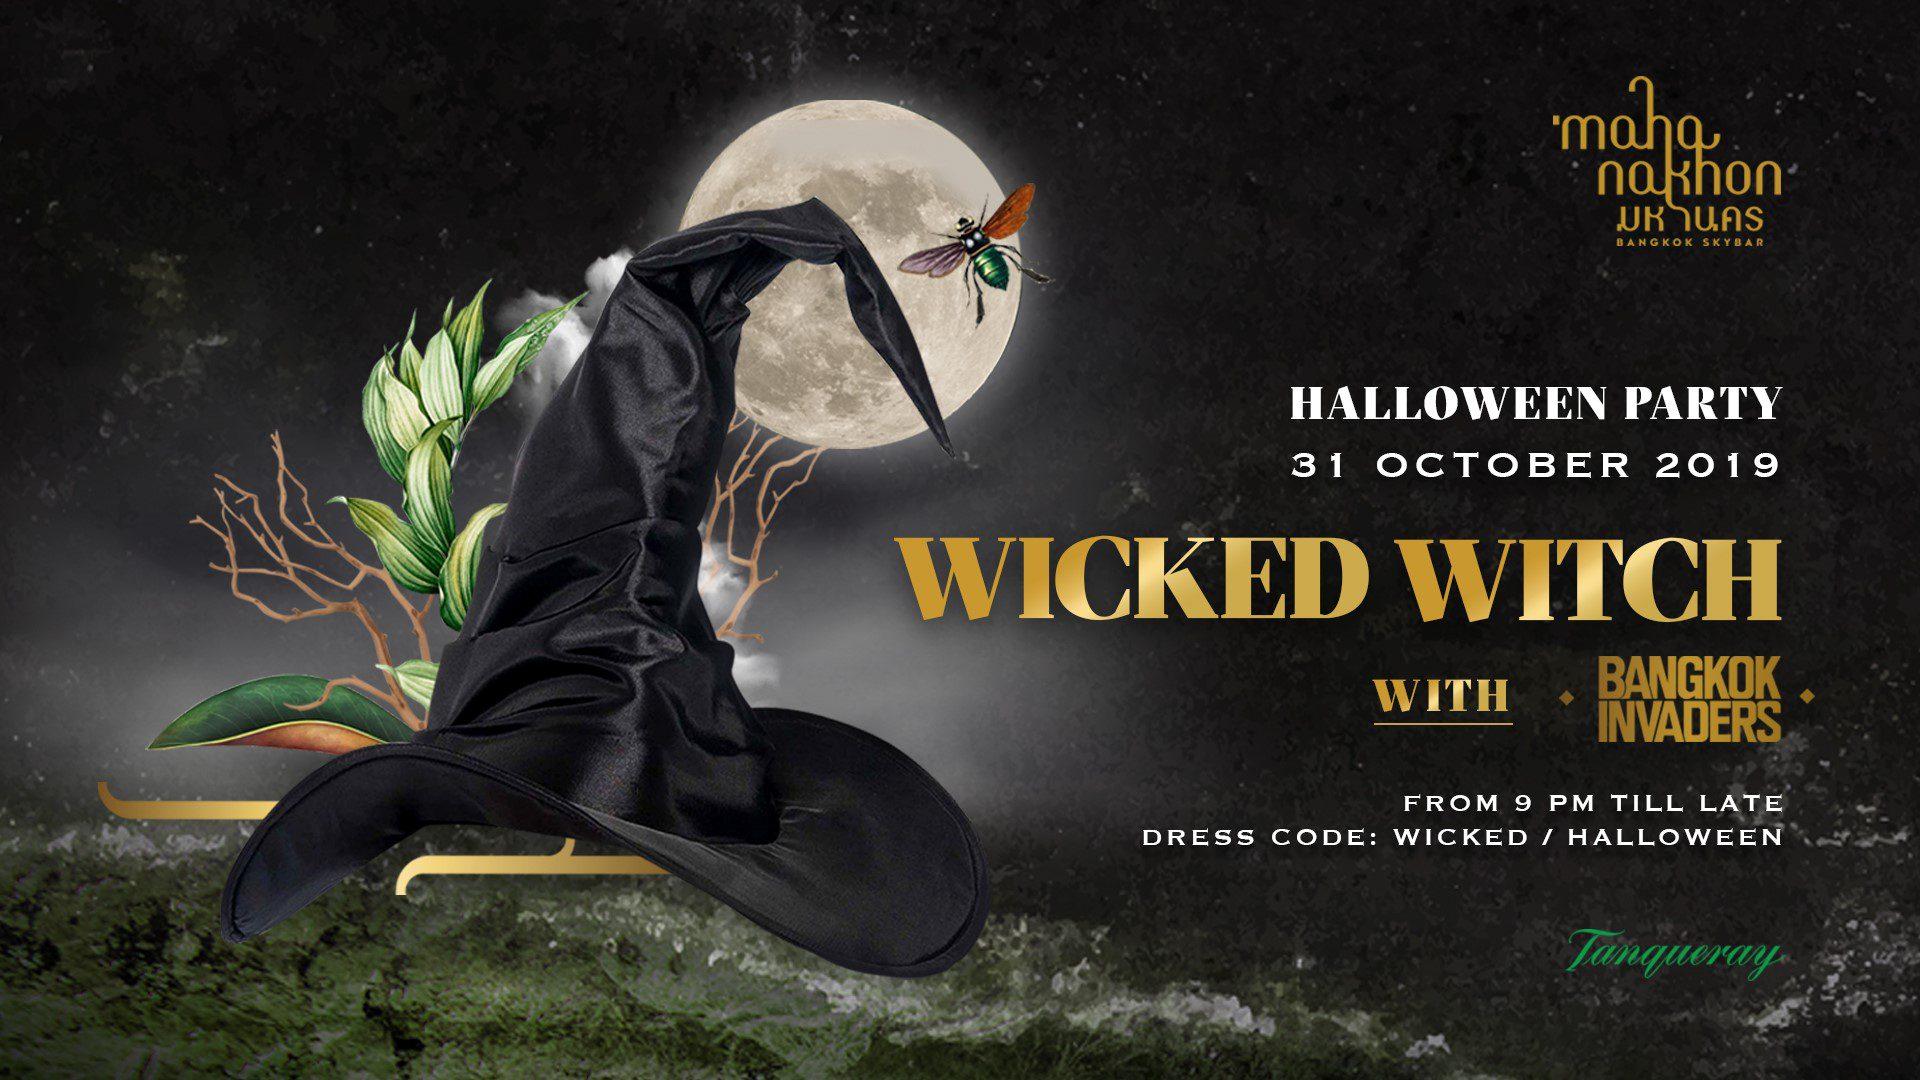 """มหานคร แบงค็อก สกายบาร์ ชวนมาสนุกรับคืนวันฮาโลวีนในงาน """"Wicked Witch""""  ครั้งแรกกับปาร์ตี้ฮาโลวีนบนห้องอาหารและบาร์ที่สูงที่สุดในประเทศไทย"""